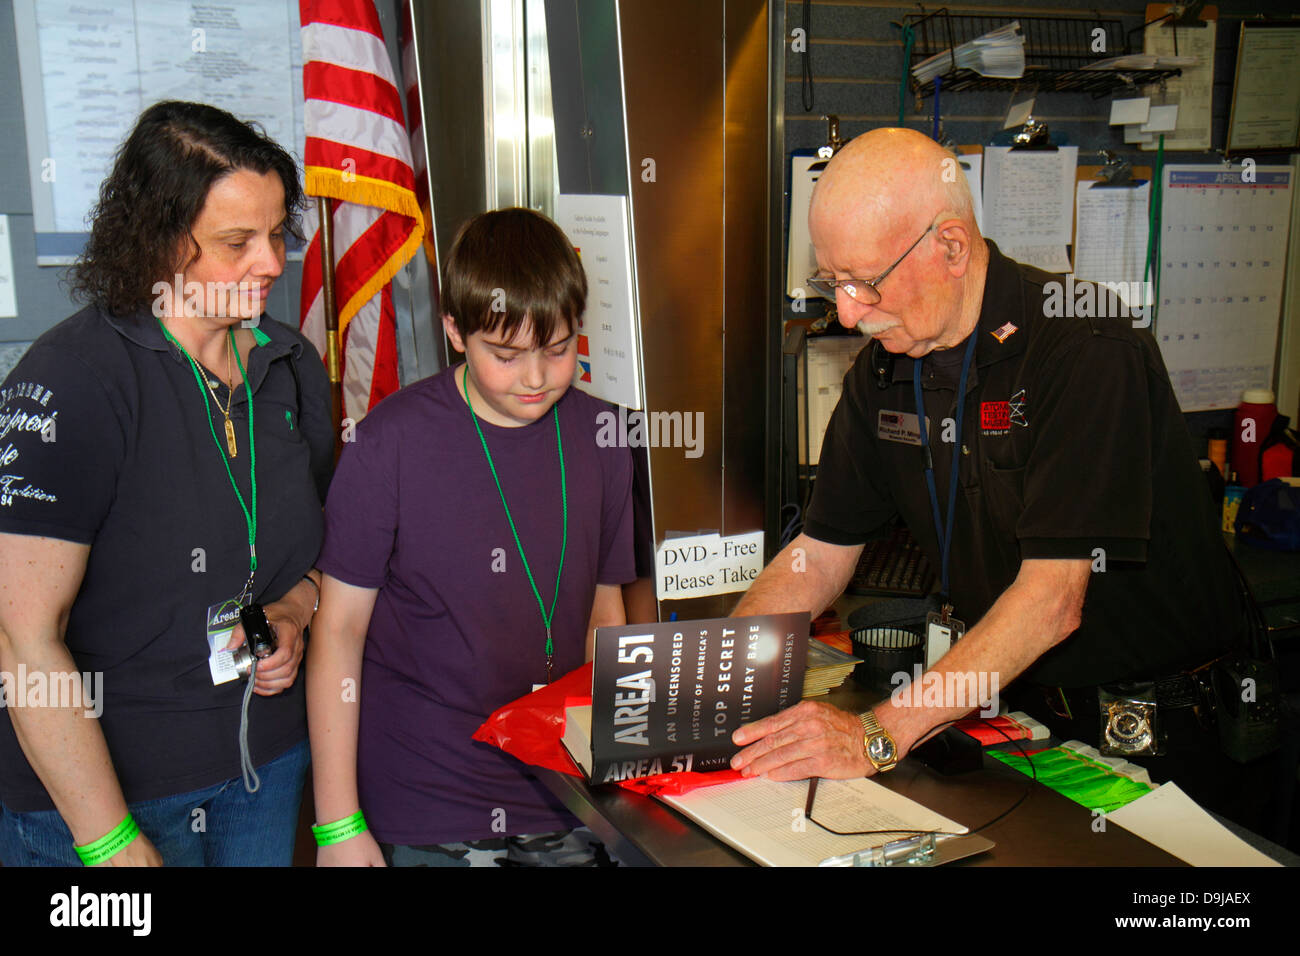 Nevada West Southwest Las Vegas Flamingo Road National Atomic Testing Museum développement d'armes nucléaires garçon garçons mâle enfant enfants enfant enfants Banque D'Images